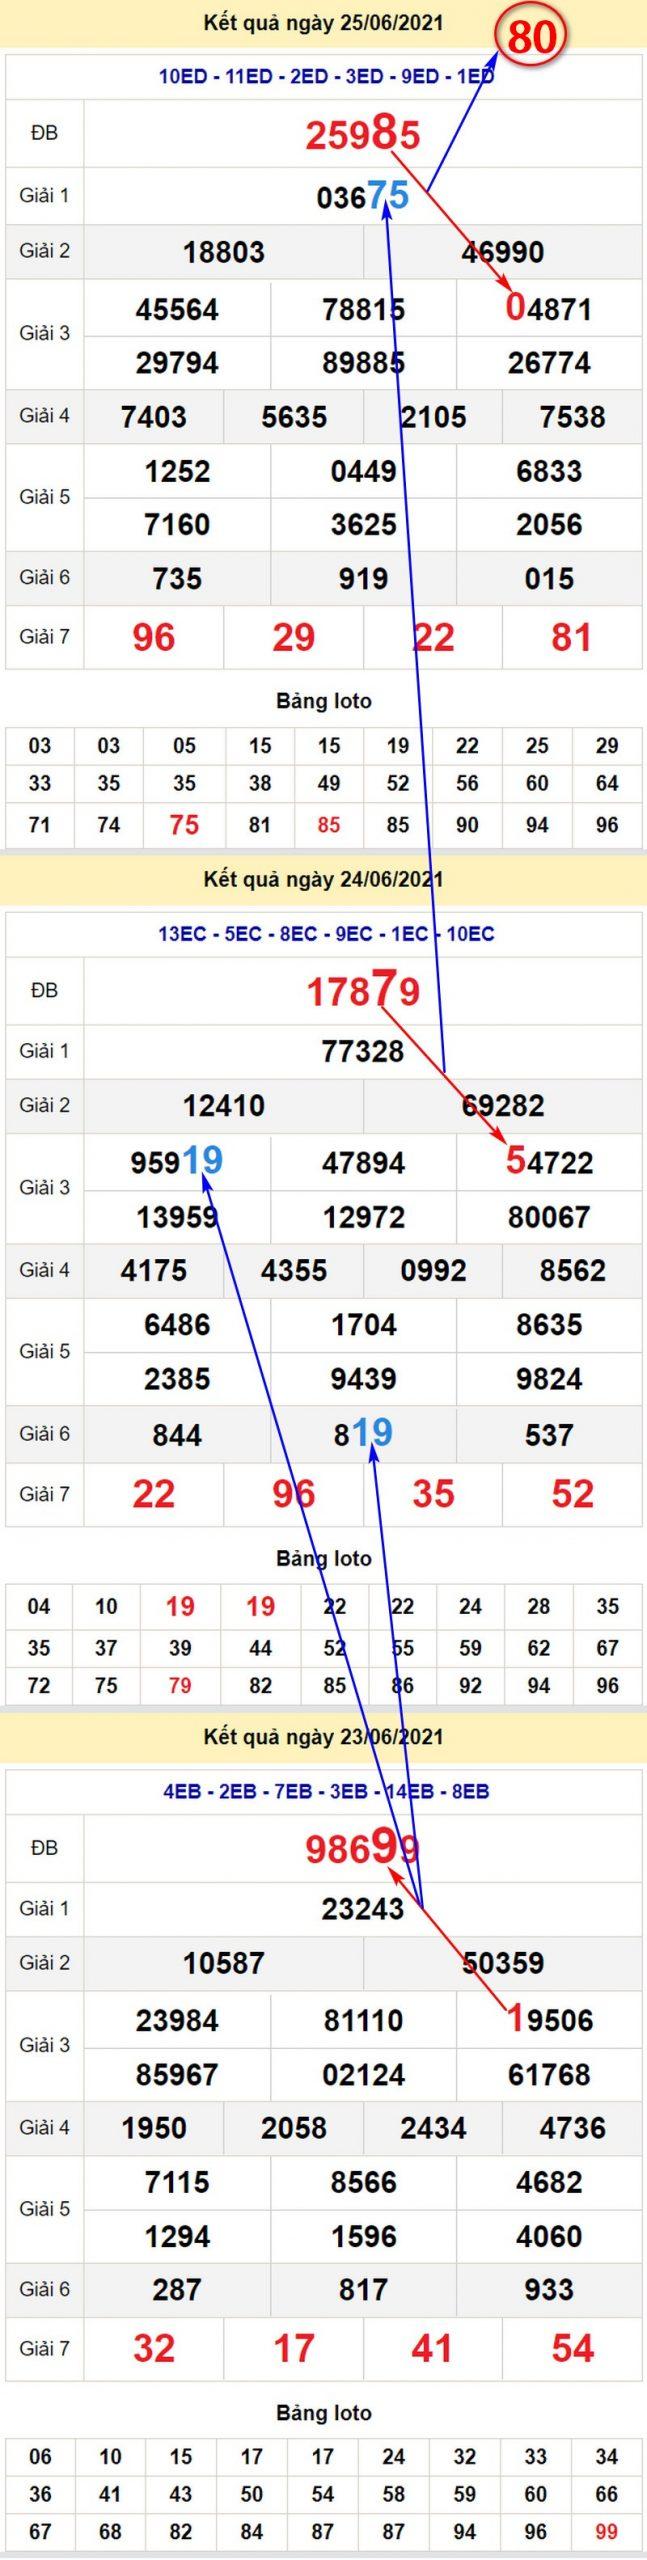 Chi tiết soi cầu dự đoán XSMB hôm nay T7 ngày 26/6/2021